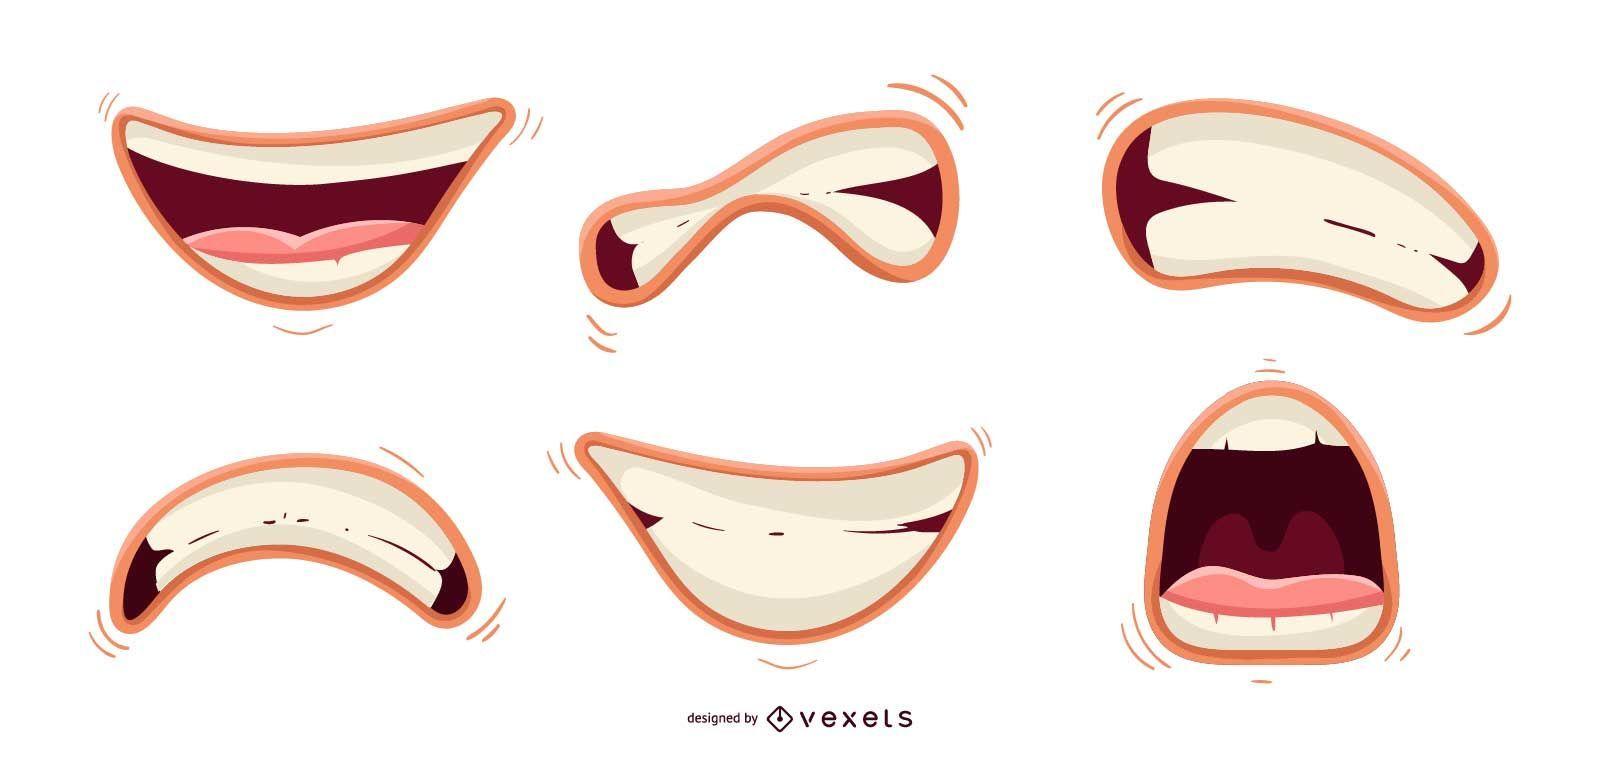 Lindo conjunto de vectores de boca